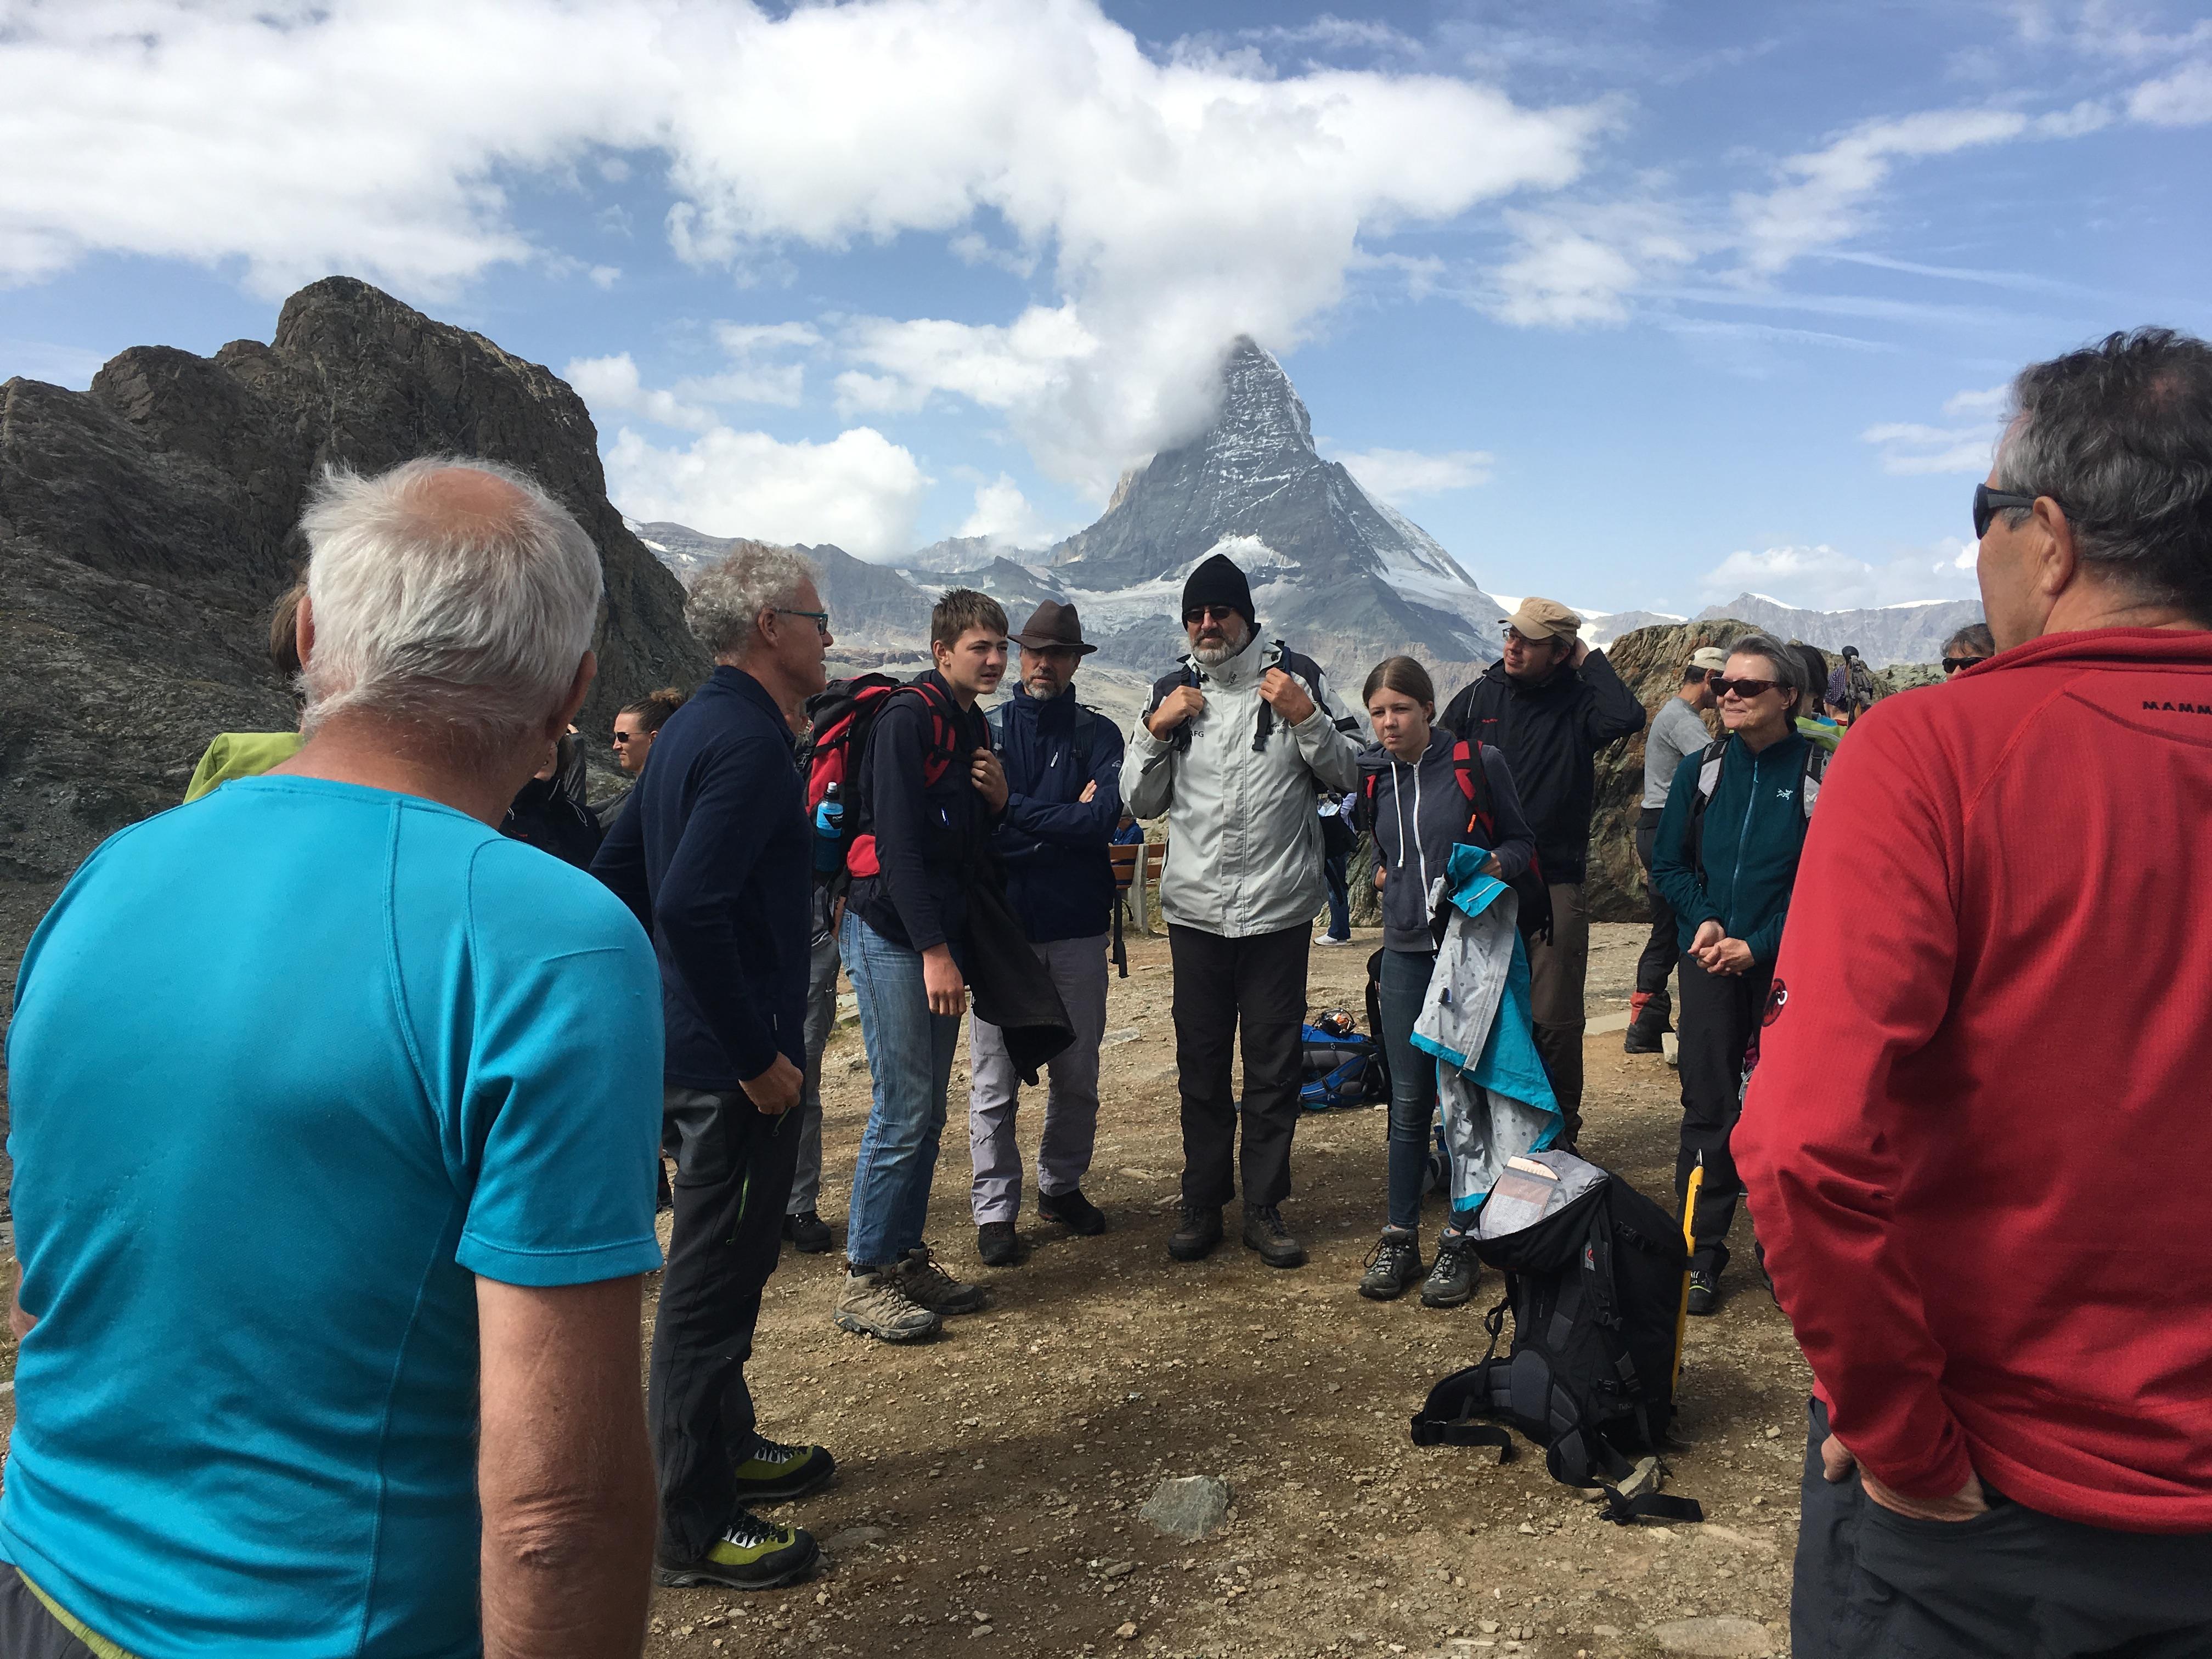 Begrüssung und erste Instruktionen durch die Bergführer